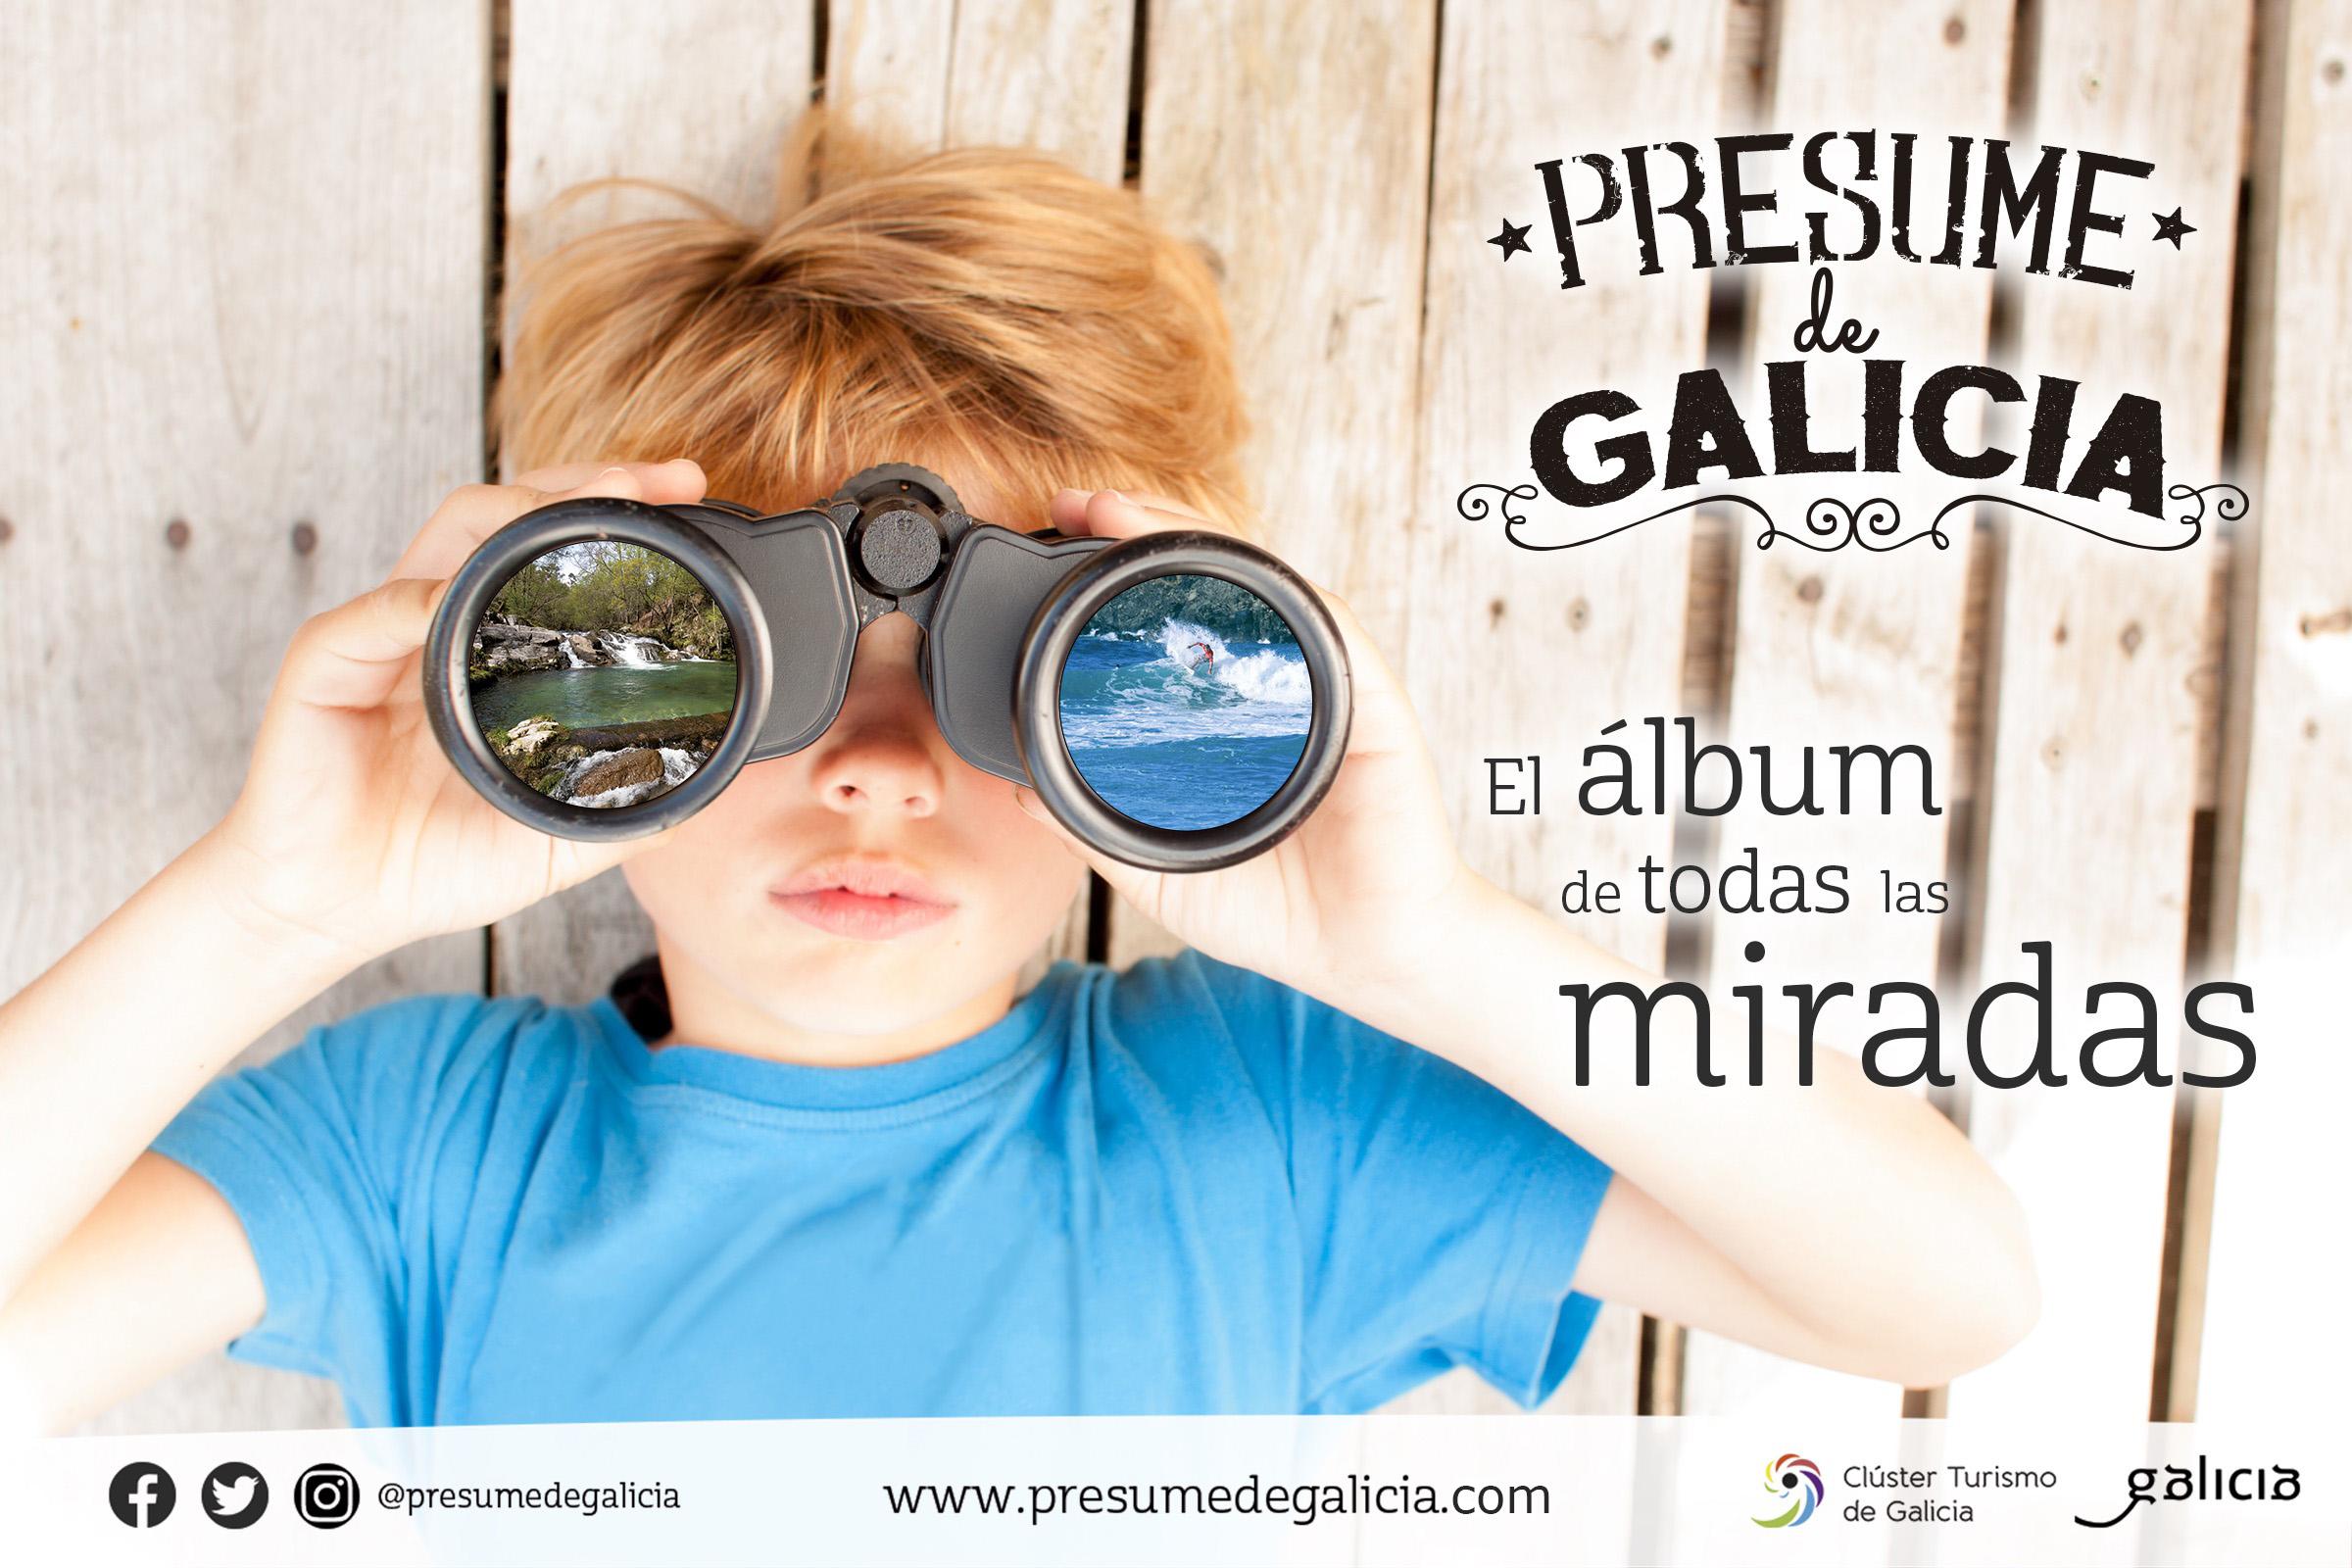 [:es]Clúster Turismo de Galicia lanza una campaña para presumir de GaliciaClúster Turismo de Galicia lanza unha campaña para presumir de GaliciaCluster Turismo Galicia lauches campaign to show off Galicia